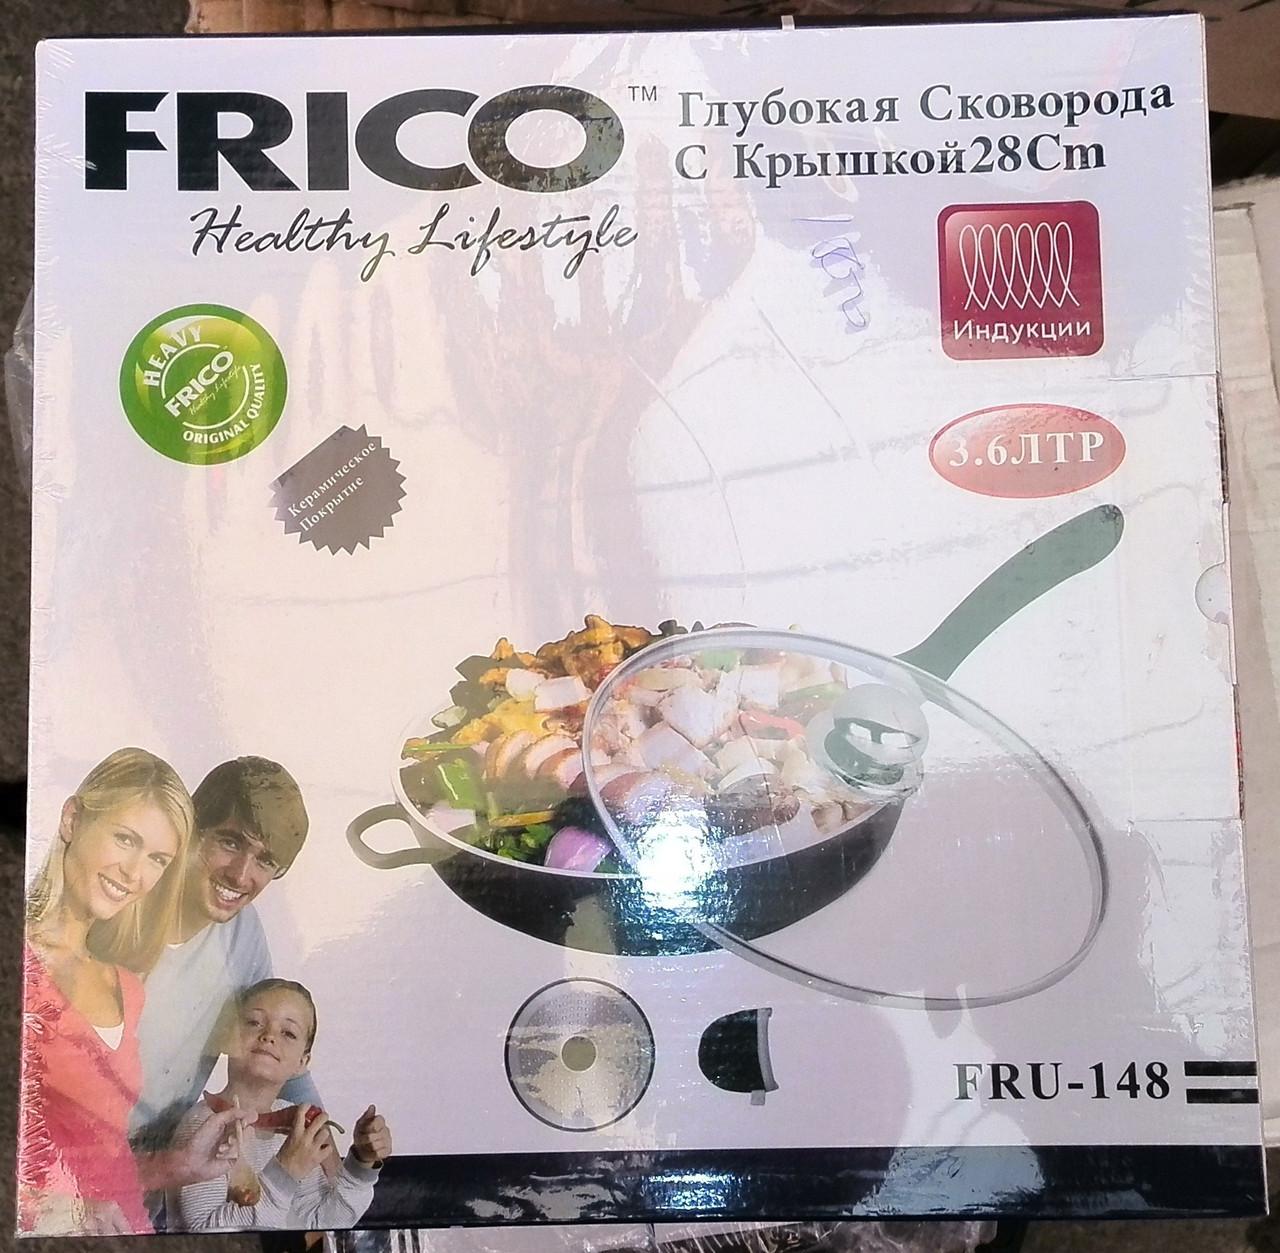 Глубокая сковорода FRICO FRU-148 (керамика) 28 см, 3.6 л.